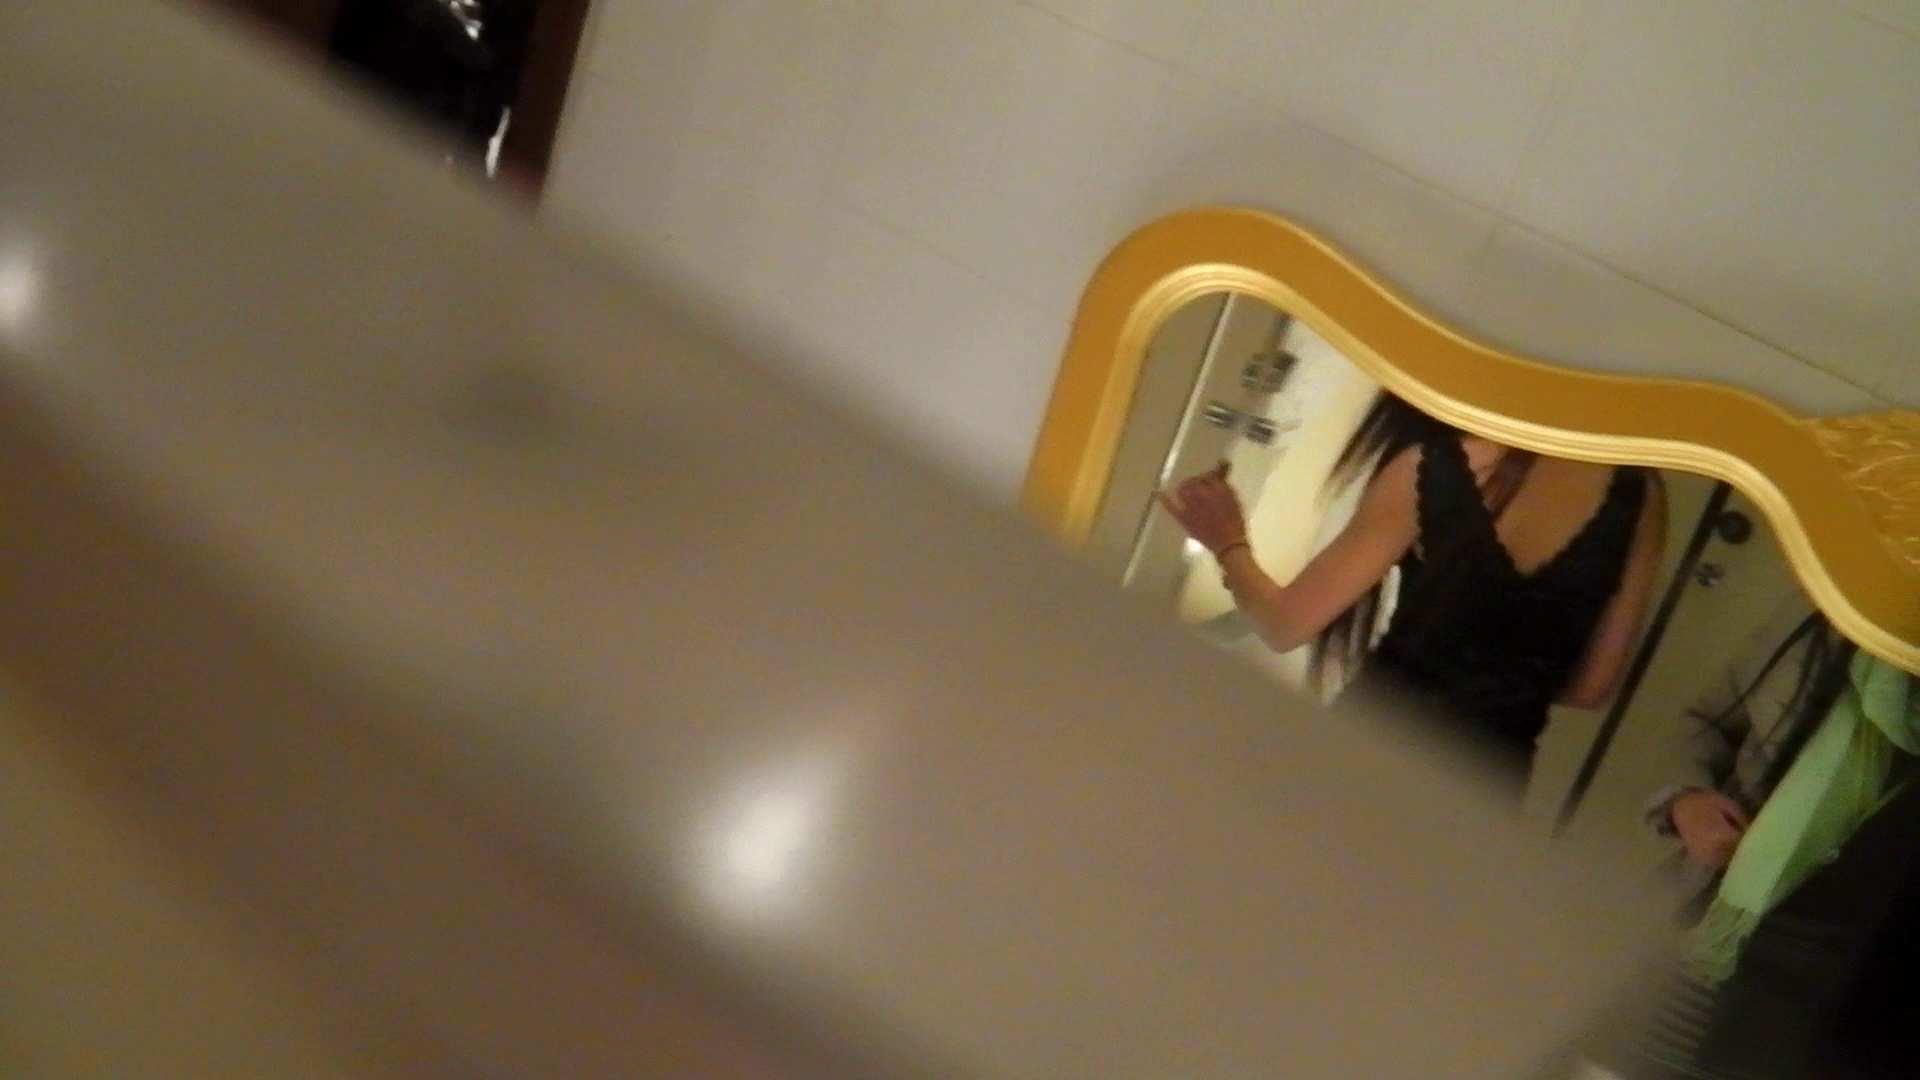 洗寿観音さんの 化粧室は四面楚歌Nol.4 洗面所 | エッチすぎるOL達  55連発 25